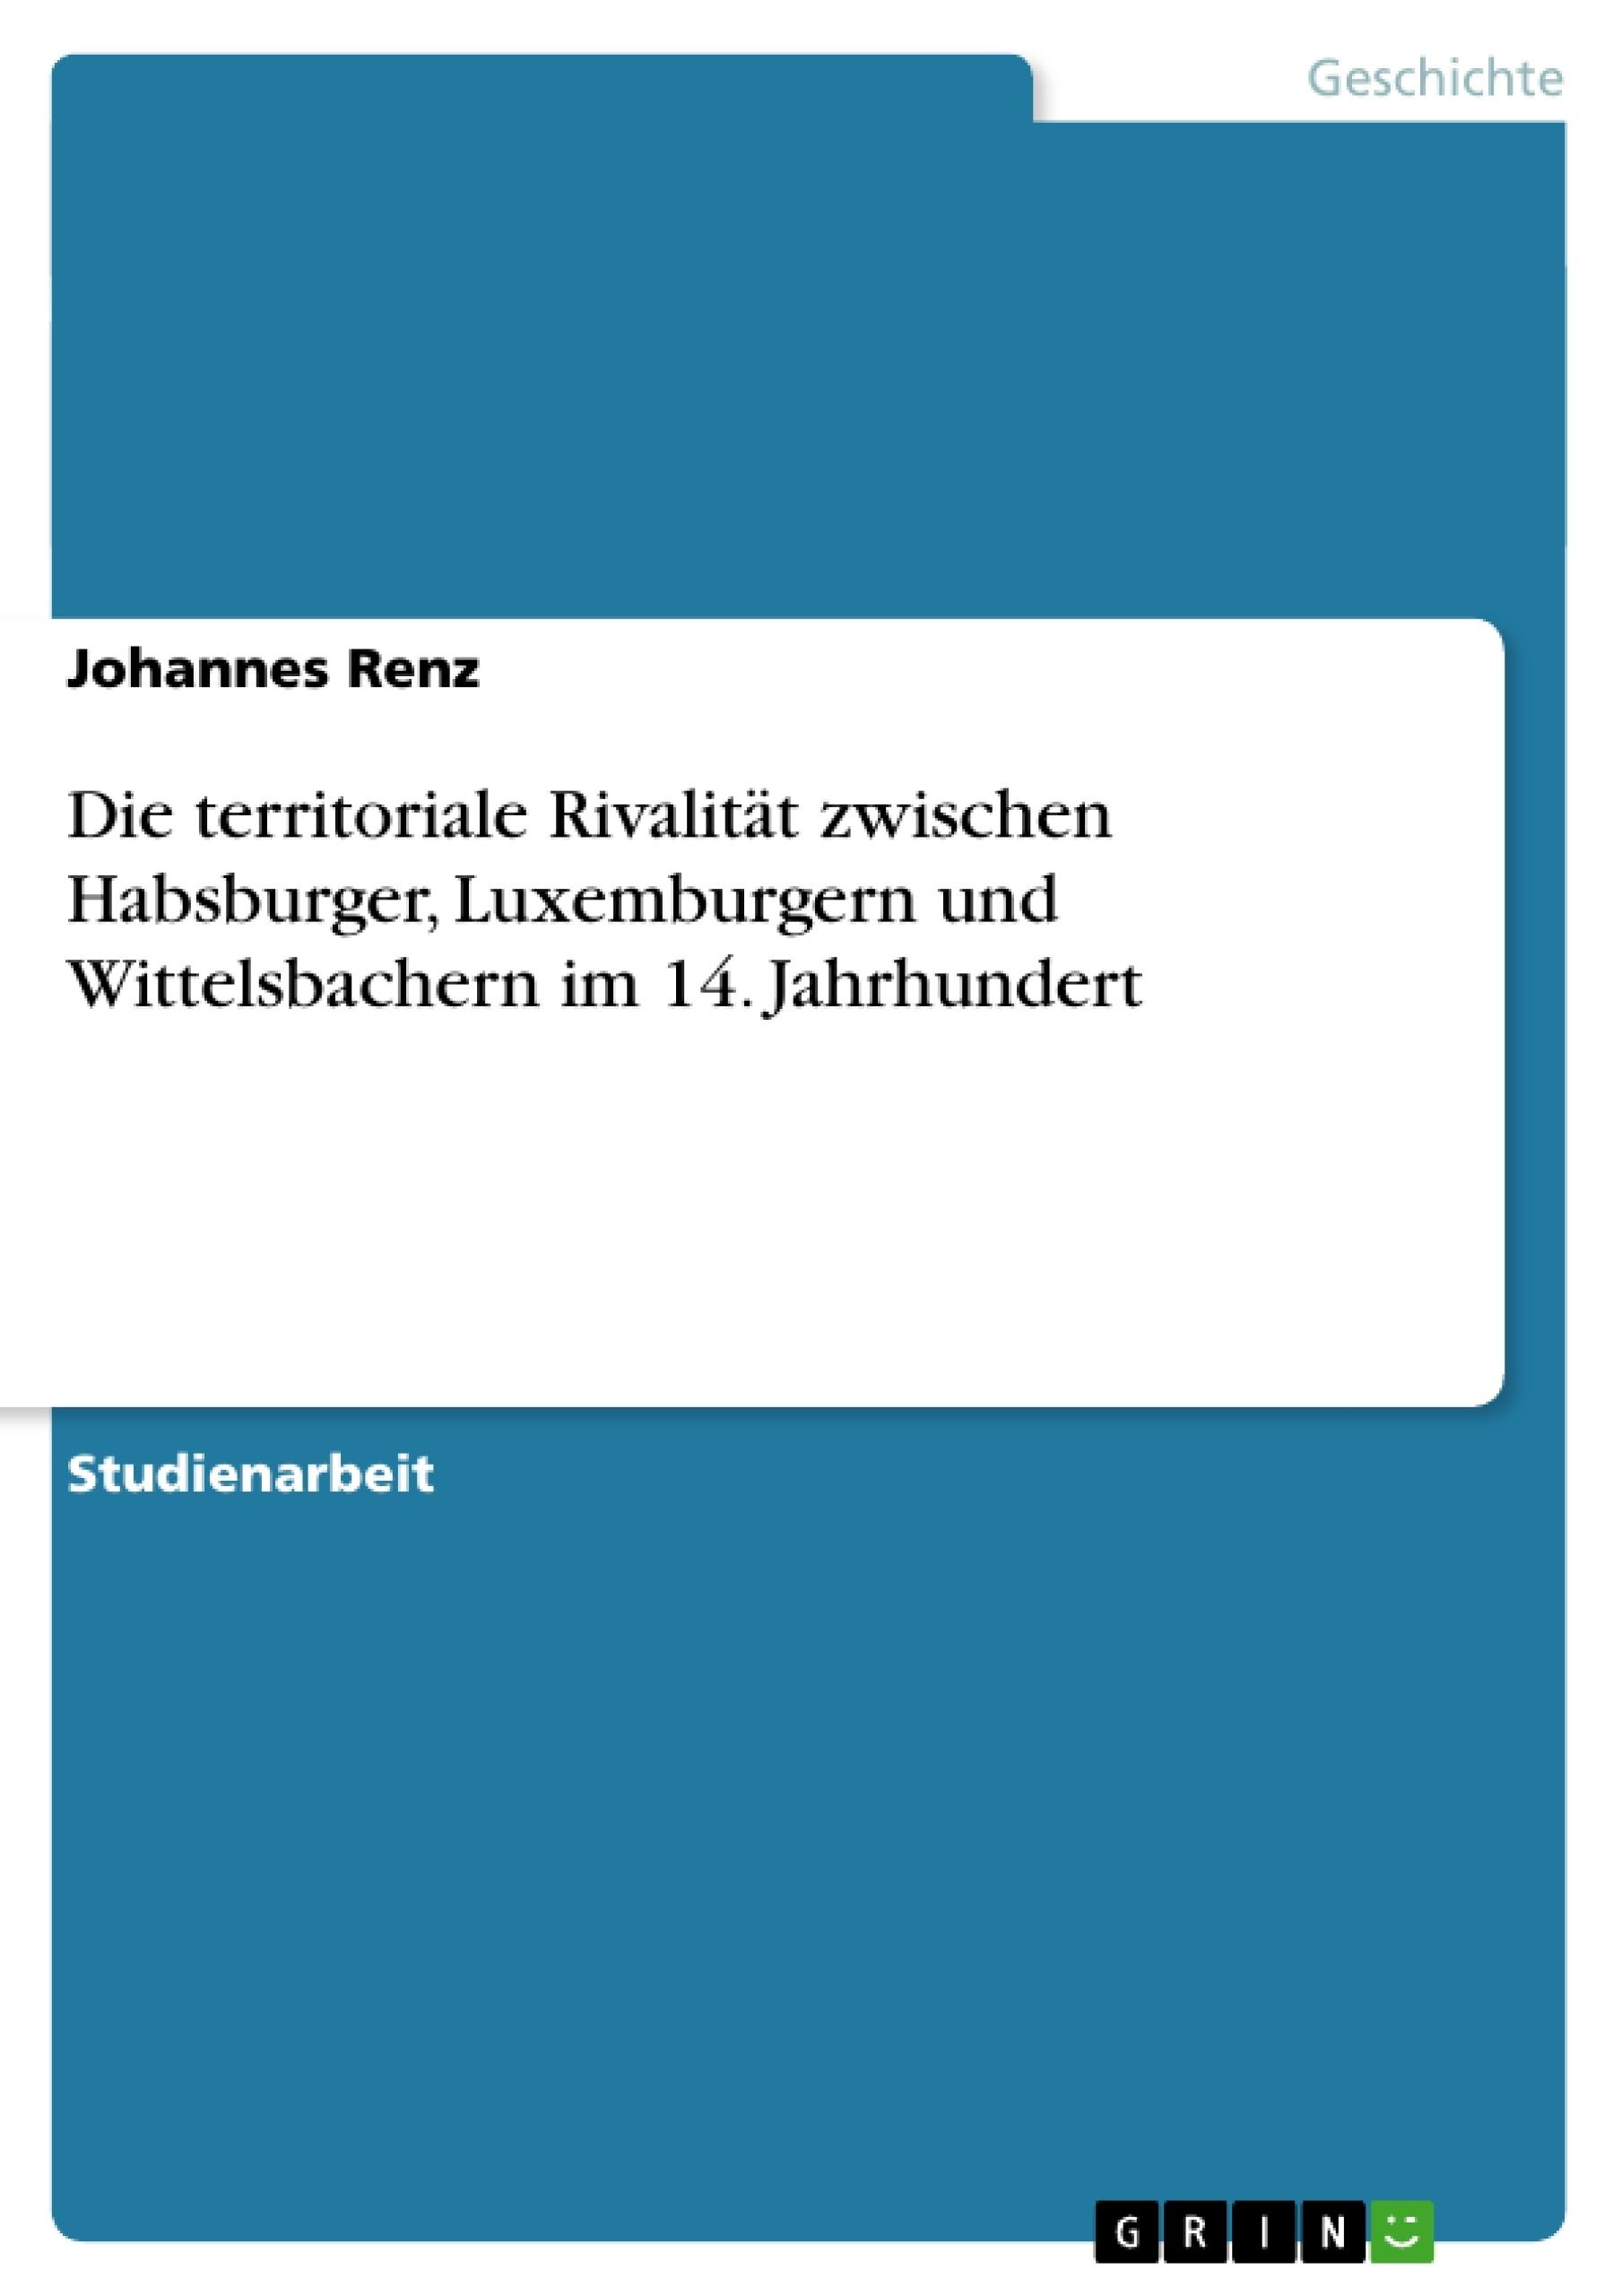 Titel: Die territoriale Rivalität zwischen Habsburger, Luxemburgern und Wittelsbachern im 14. Jahrhundert